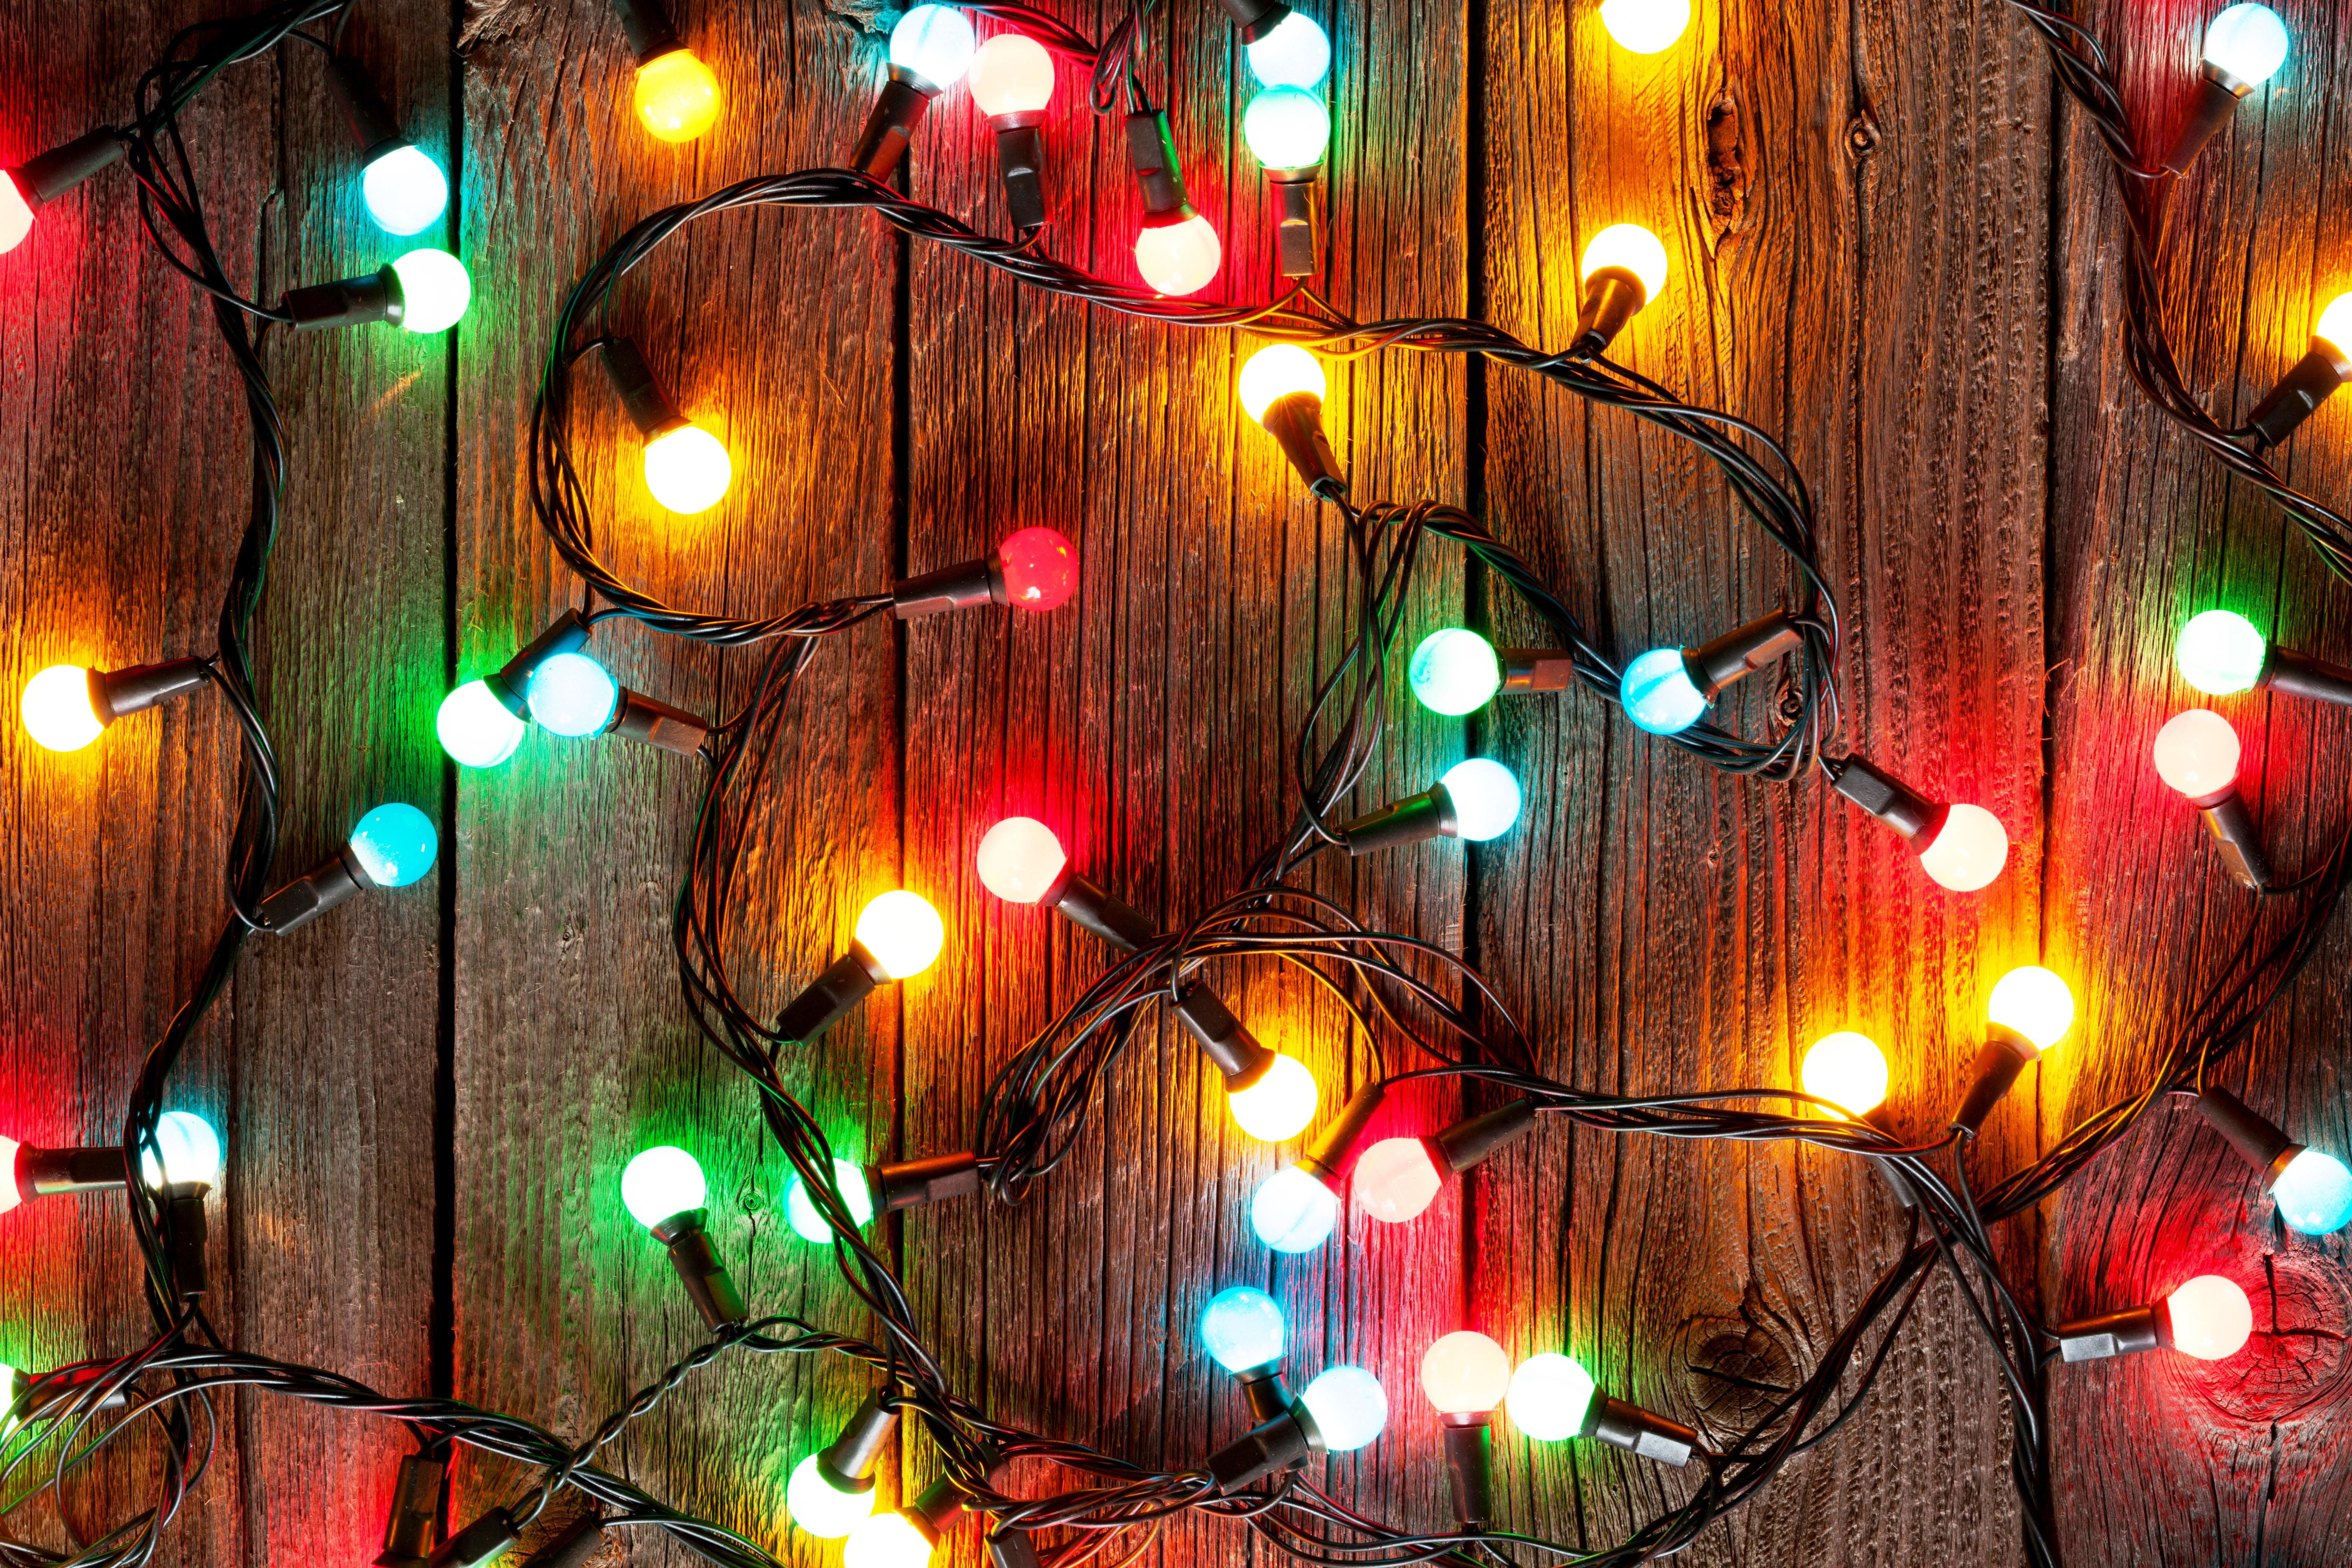 Картинка новогоднее волшебство услуг закладке